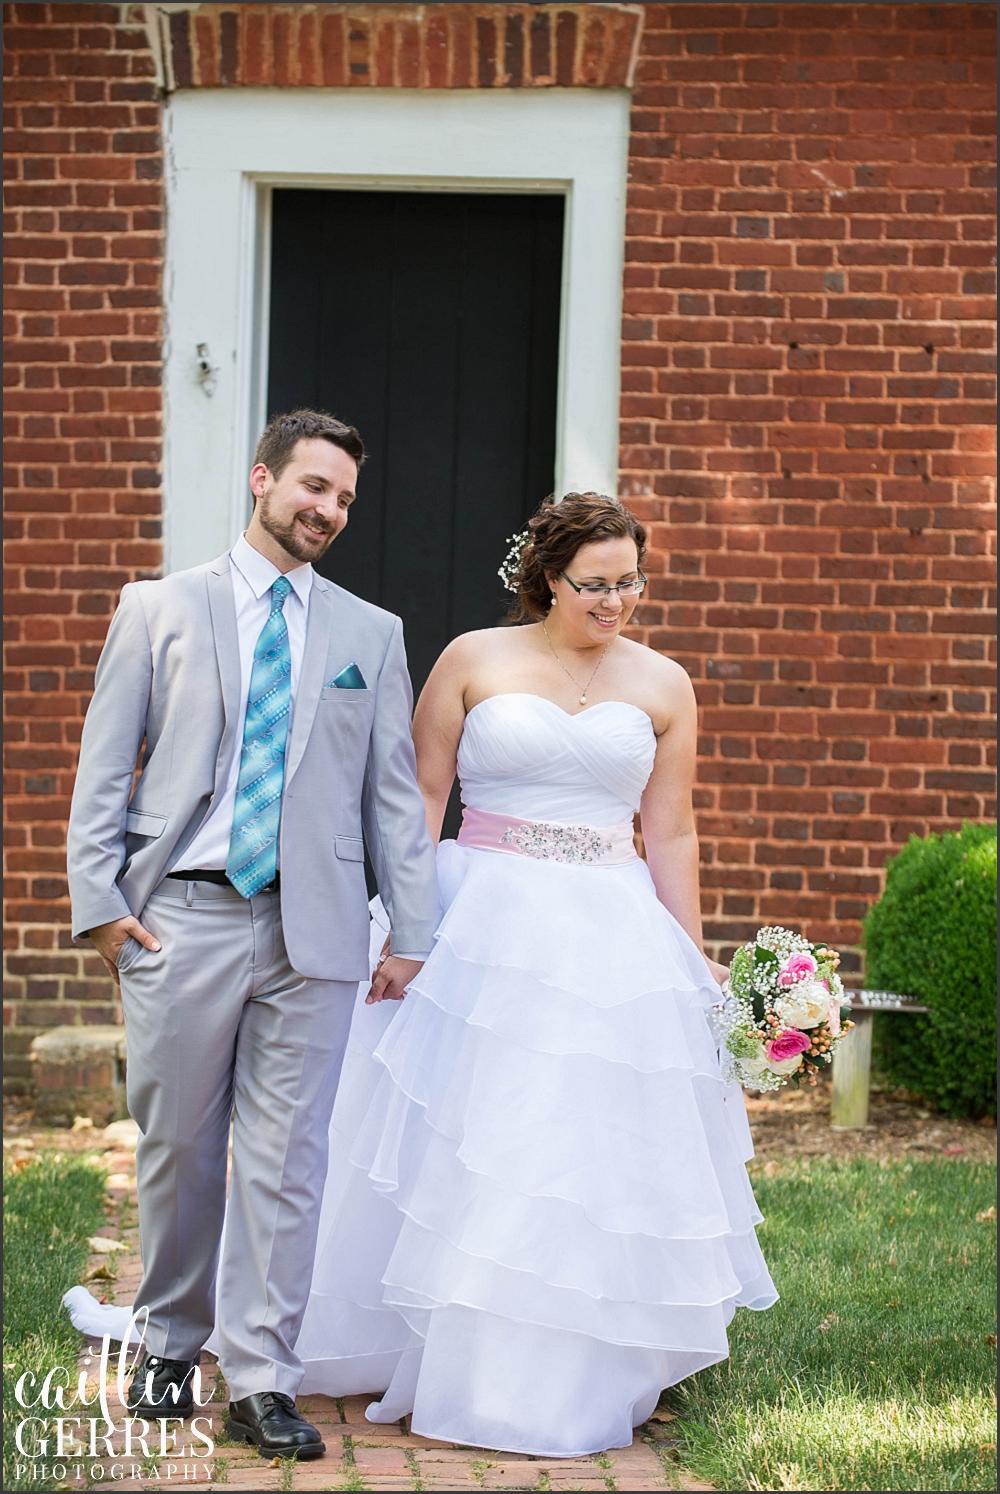 Gloucester Courthouse Wedding Photo-37_WEB.jpg